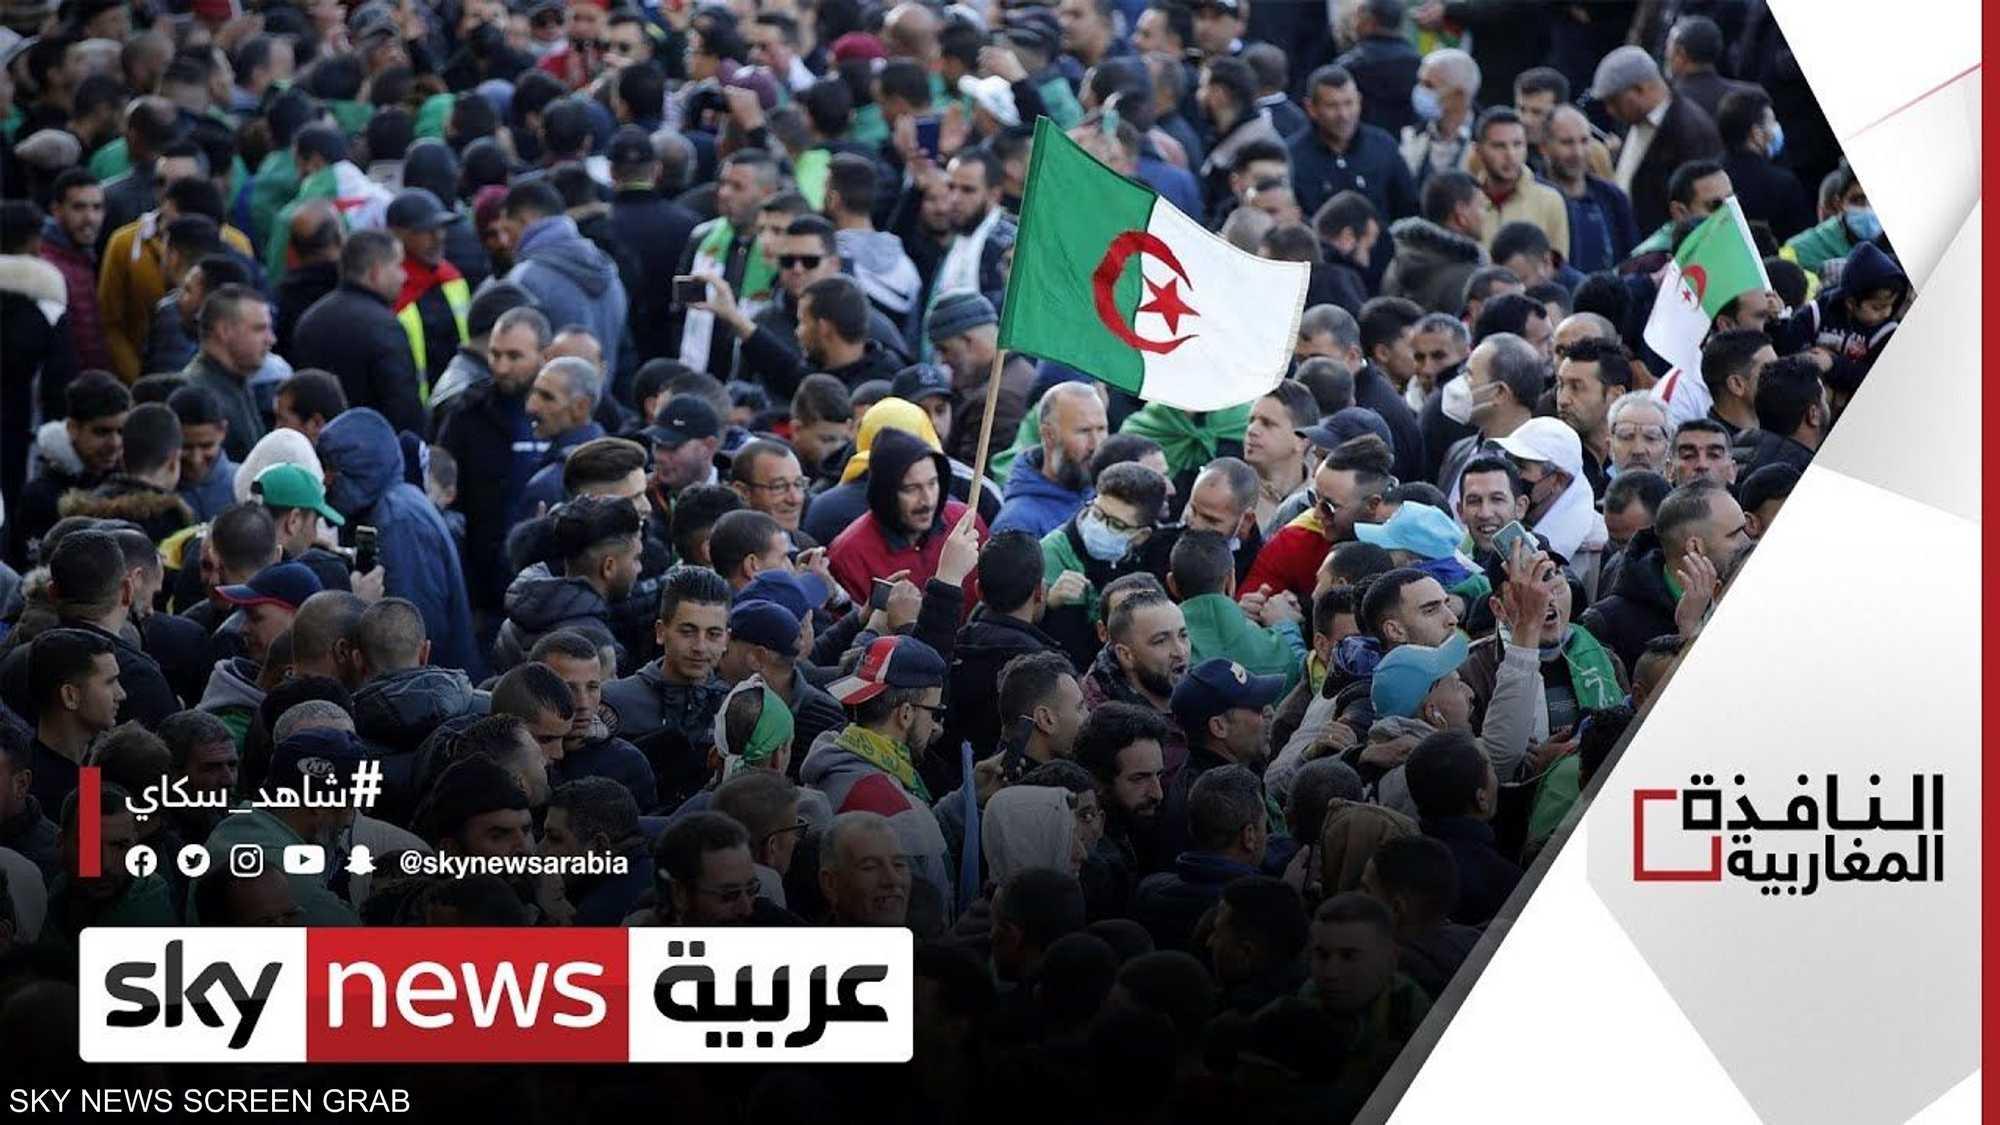 الجزائر تقر قانون تنظيم عمل الصحافة الإلكترونية